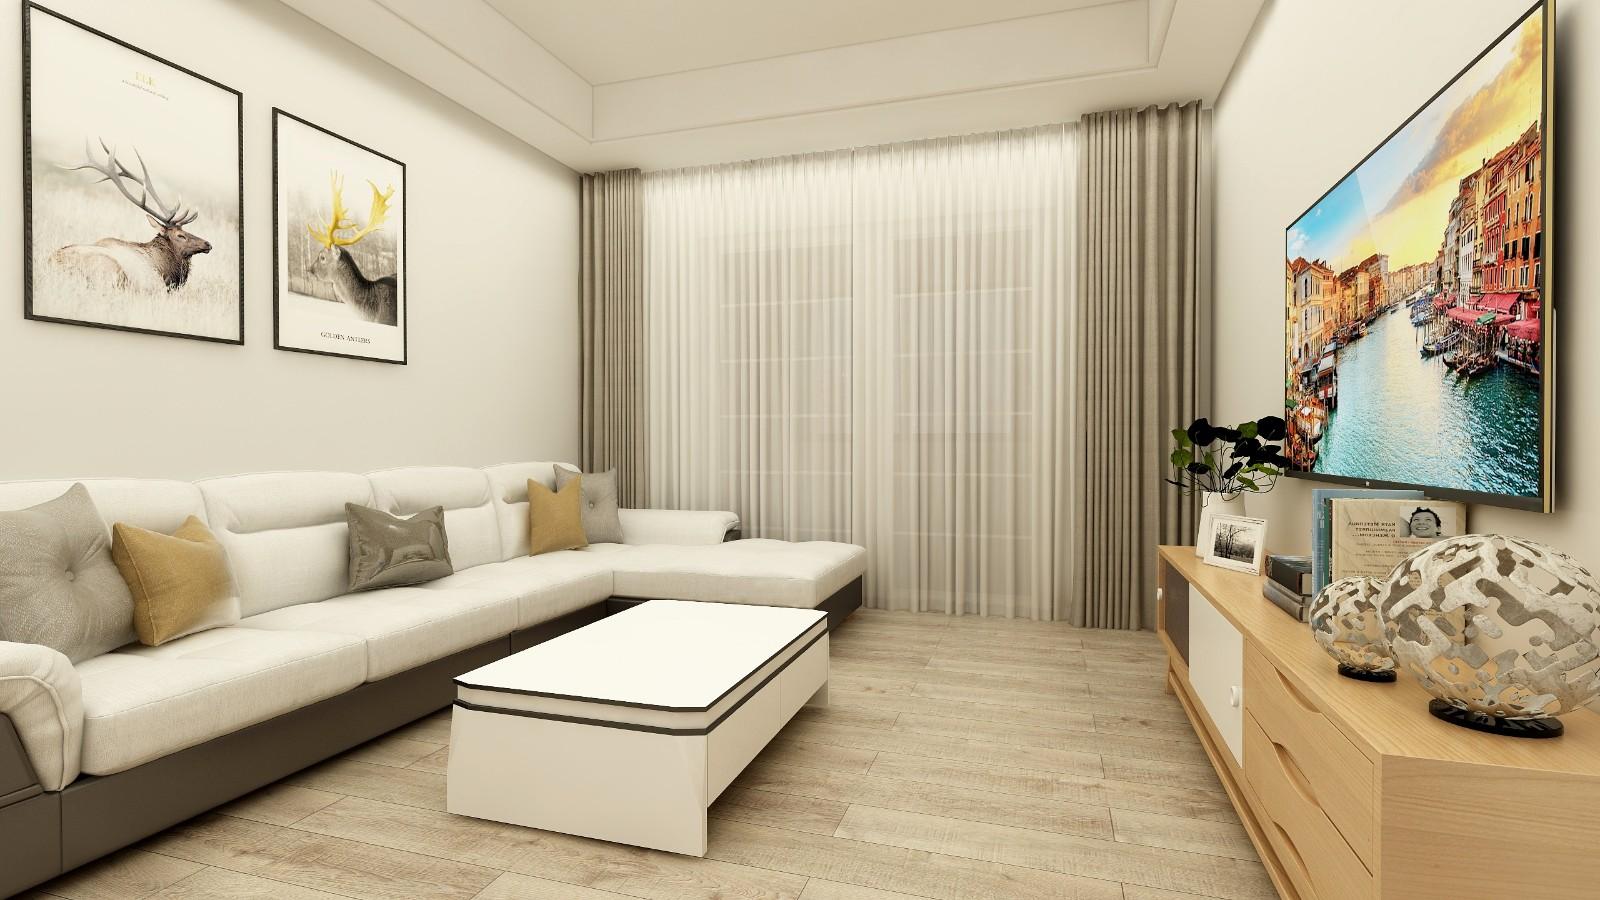 朗詩里程兩房一廳簡約風格裝修效果圖